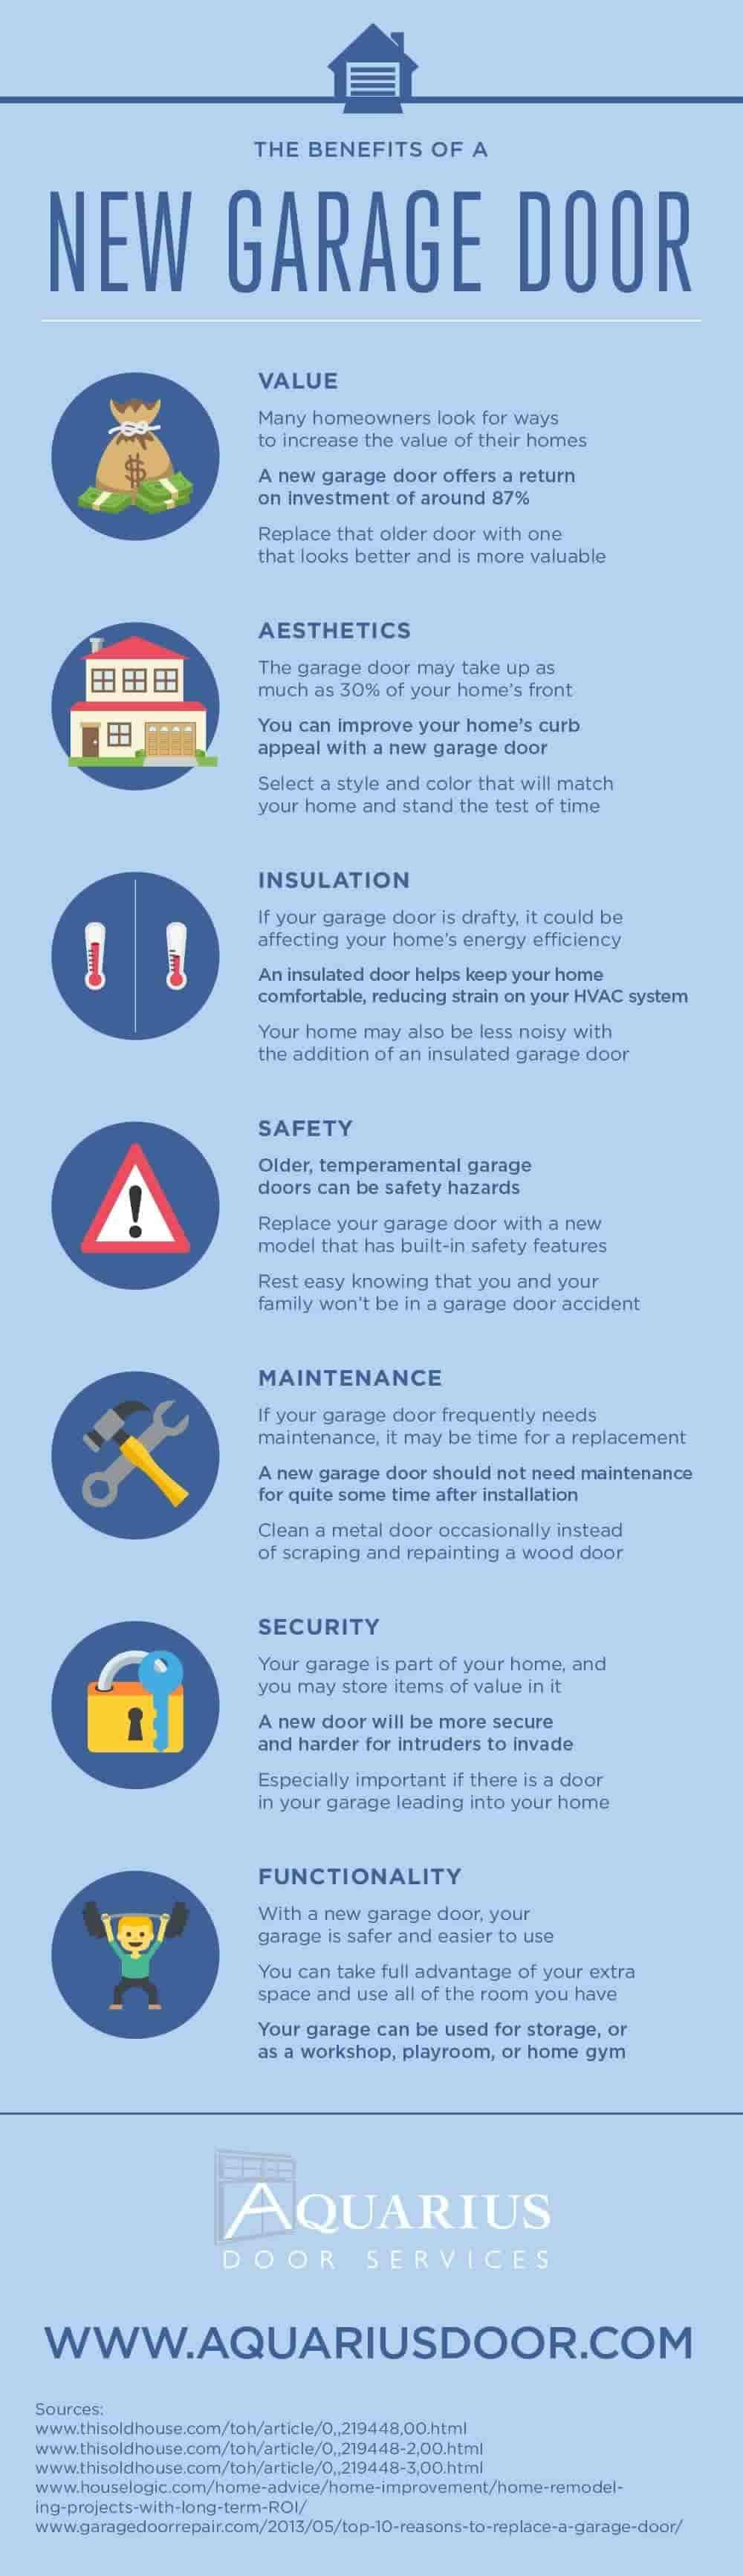 New garage door benefits